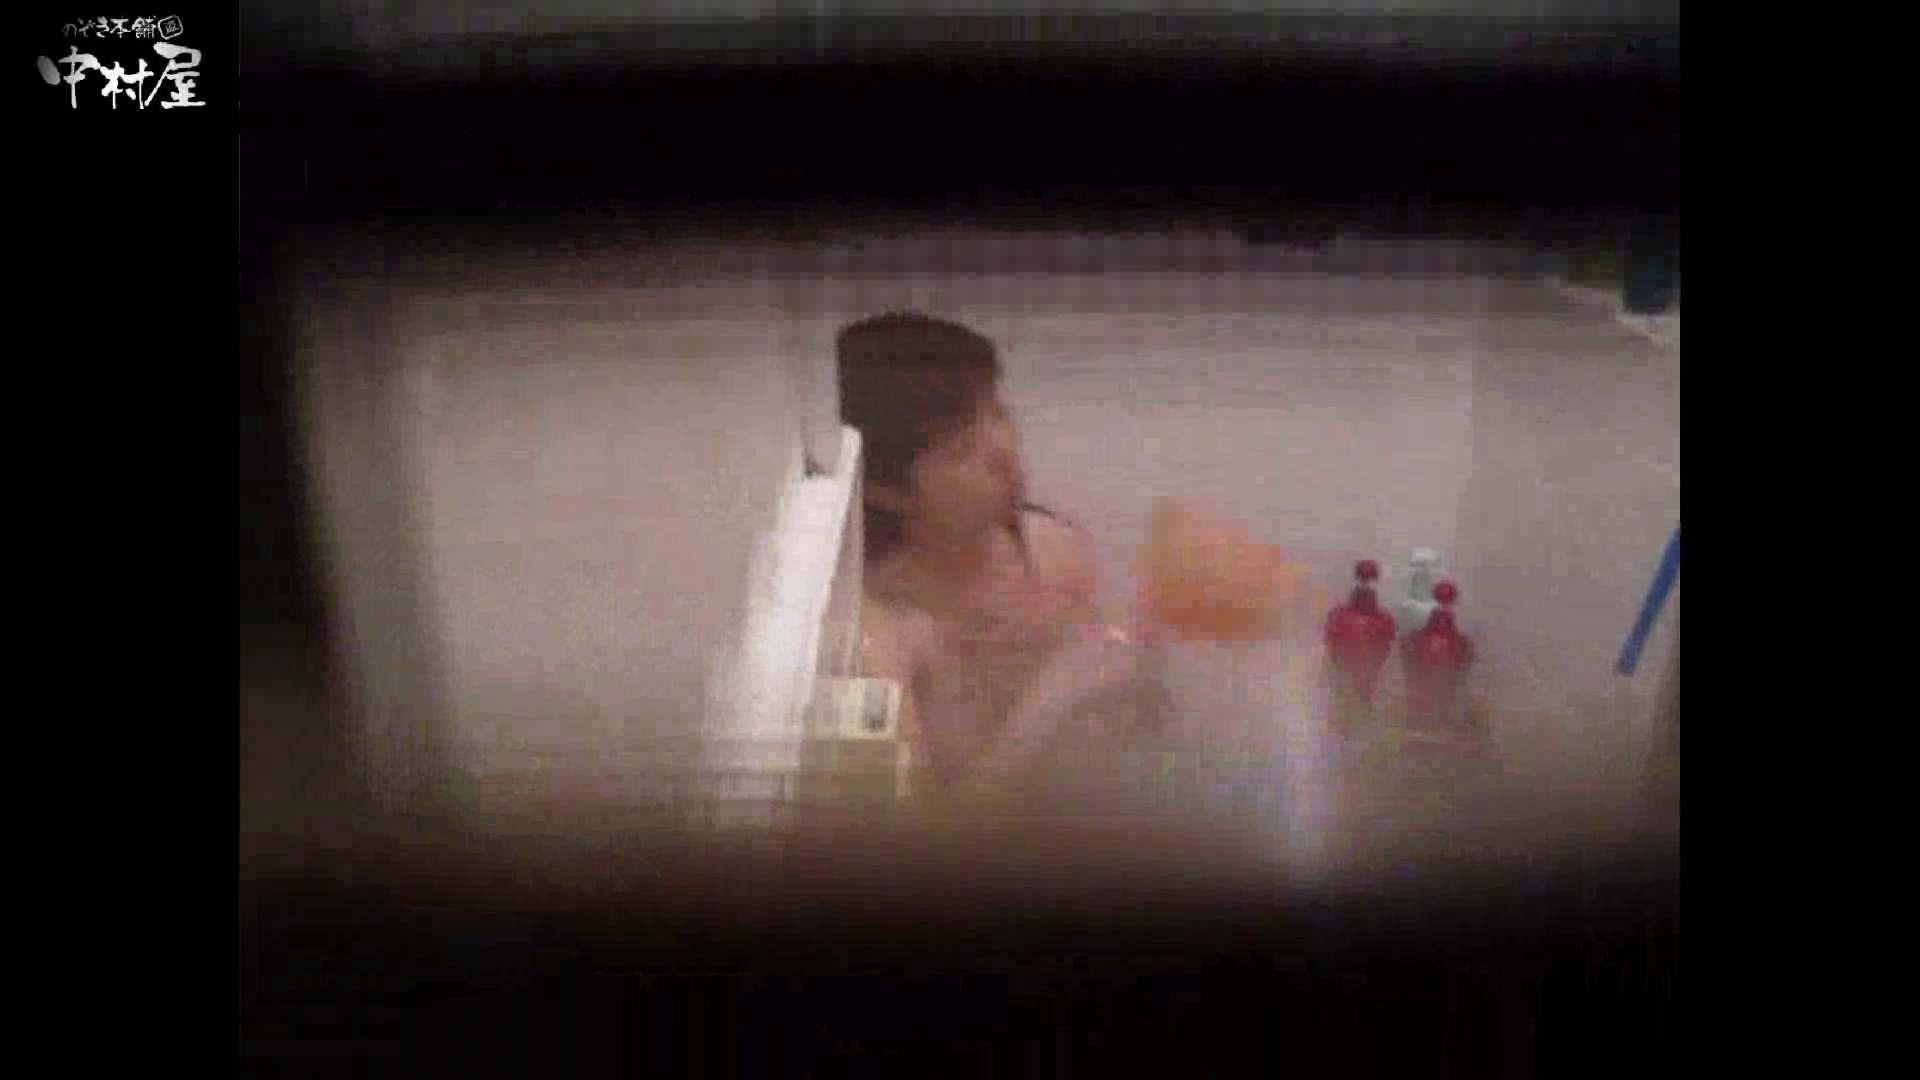 民家風呂専門盗撮師の超危険映像 vol.017 OLエロ画像 覗きオメコ動画キャプチャ 93PICs 44